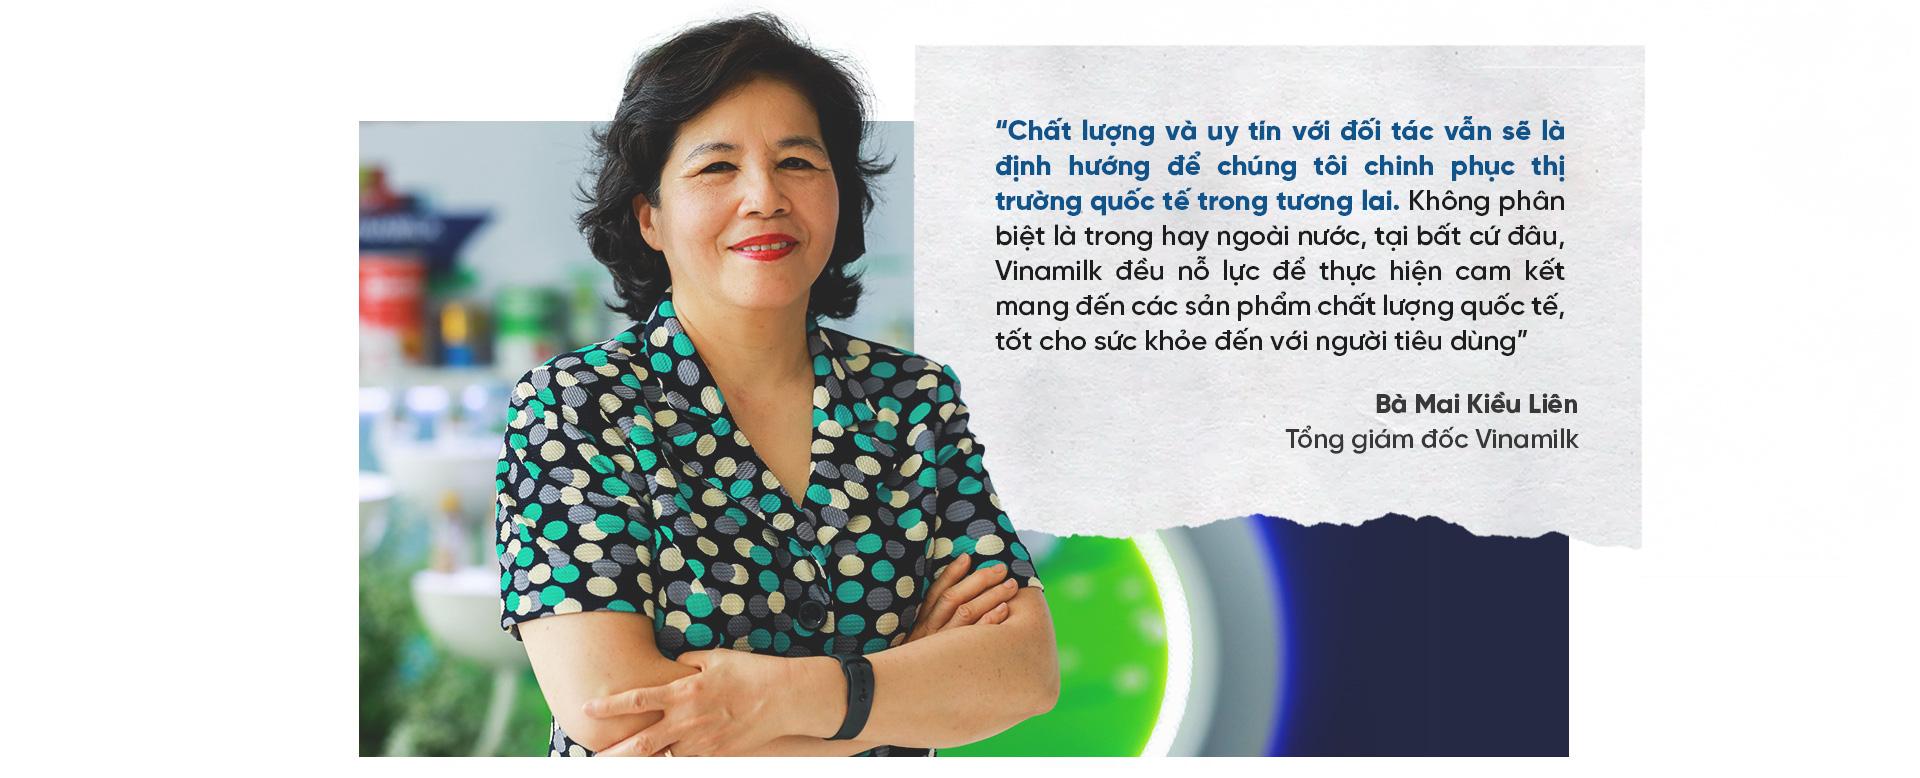 Vinamilk: Dấu son sữa Việt trên đấu trường quốc tế - Ảnh 19.